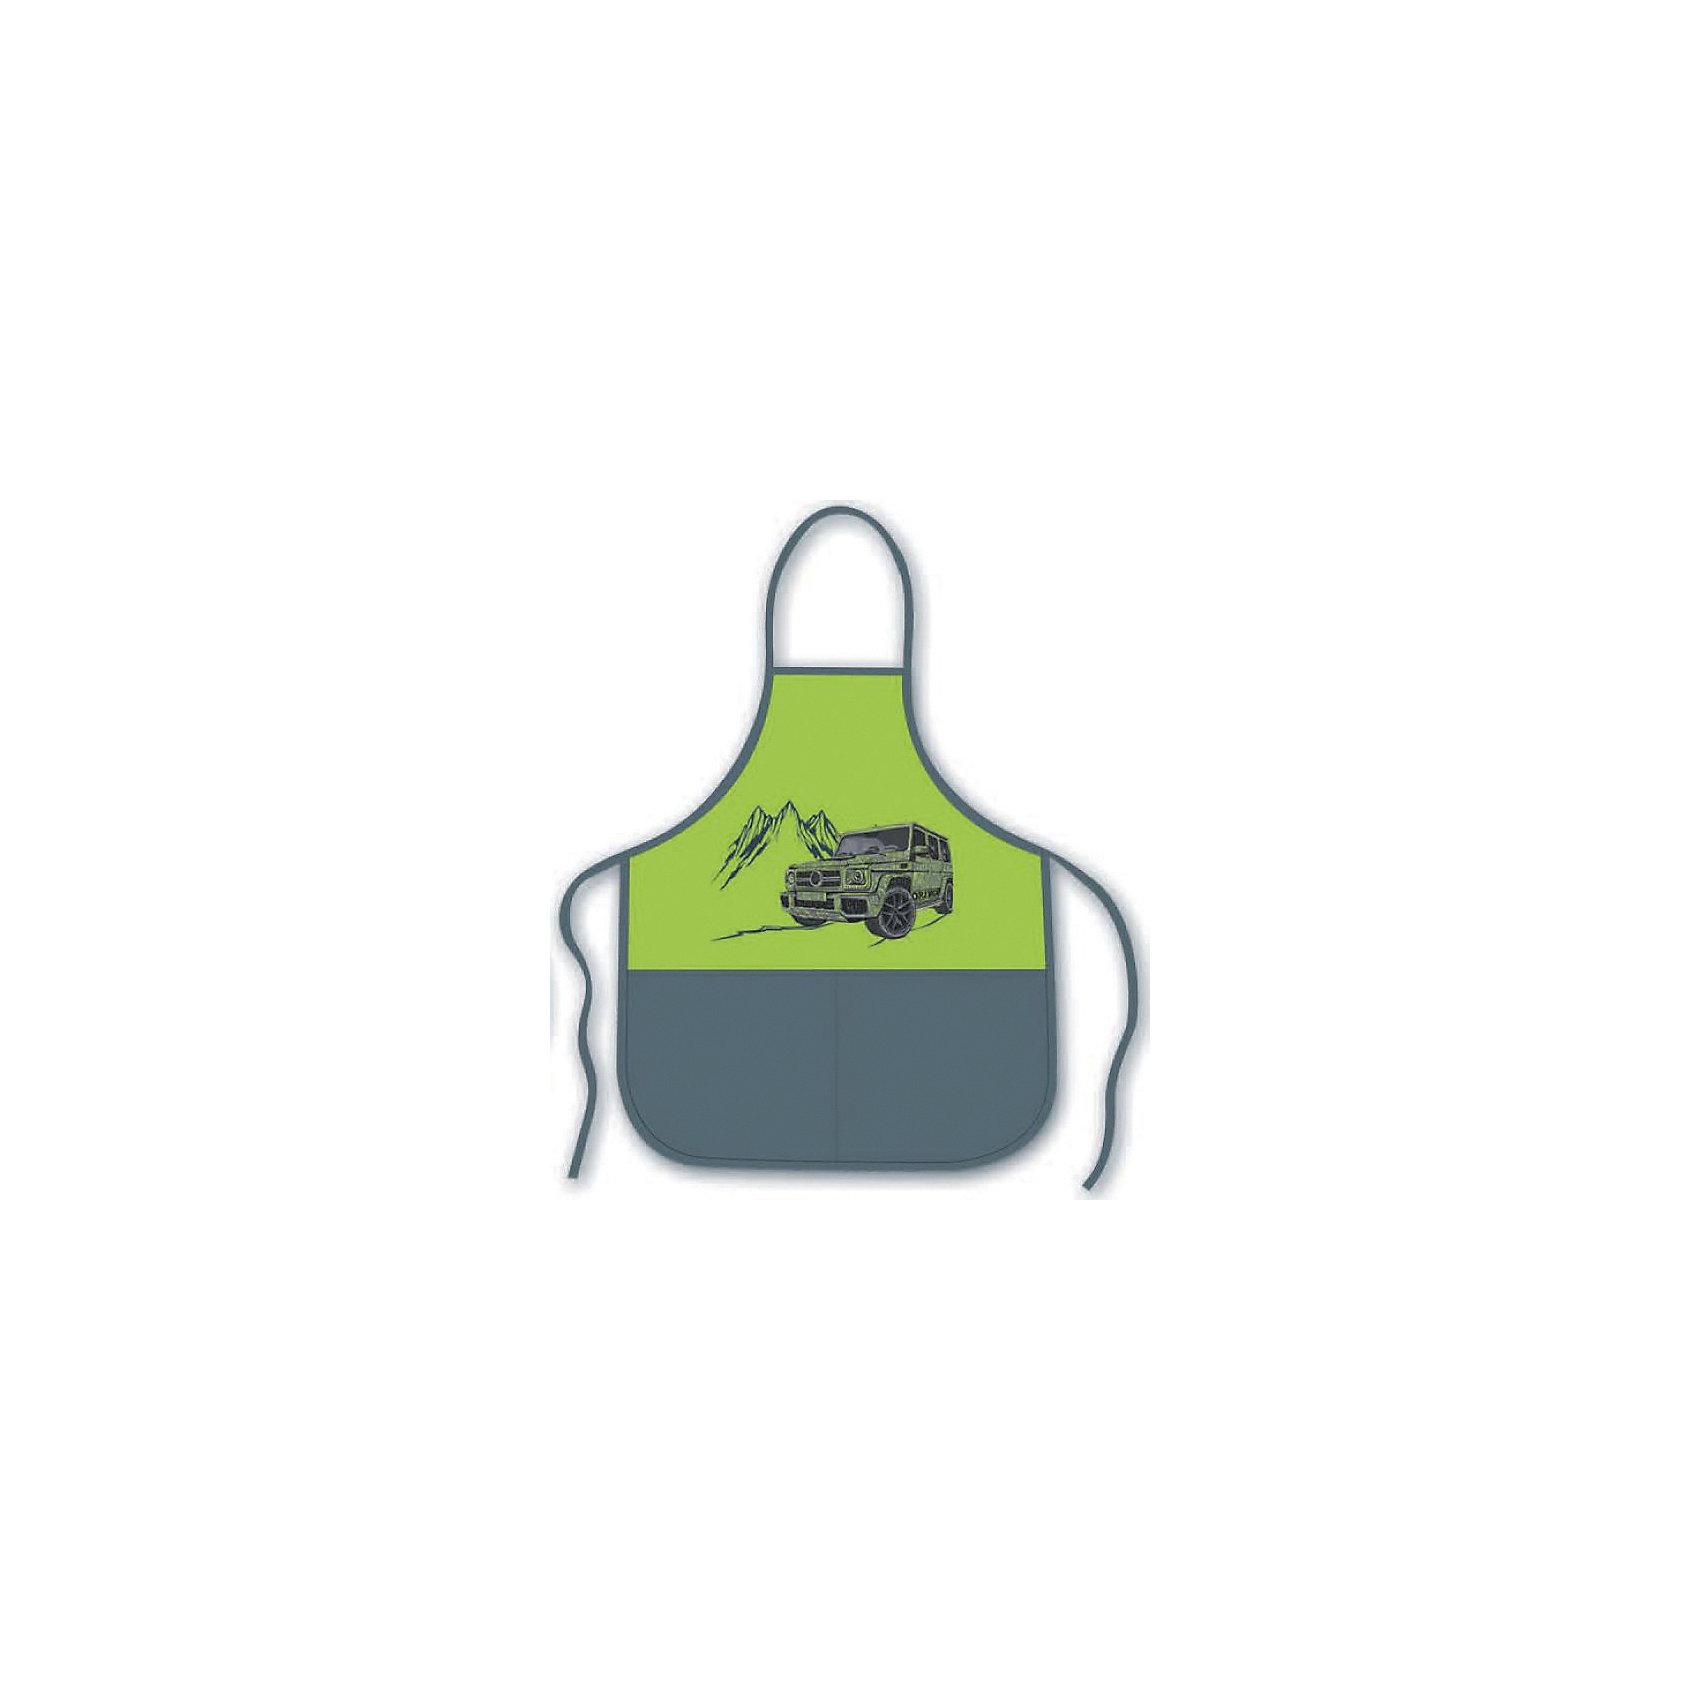 Фартук Джип на зеленом  Феникс+, для уроков трудаРисование и лепка<br>Фартук д/уроков труда и рисования ДЖИП НА ЗЕЛЕНОМ (2 кармана, полиэстер, размеры: фартук: 53х44.5см, без нарукавников; предназначен для мальчиков 6-10 лет, с ростом 116-140см и обхватом груди 58-71см)<br><br>Ширина мм: 270<br>Глубина мм: 220<br>Высота мм: 5<br>Вес г: 55<br>Возраст от месяцев: 72<br>Возраст до месяцев: 2147483647<br>Пол: Унисекс<br>Возраст: Детский<br>SKU: 7046504